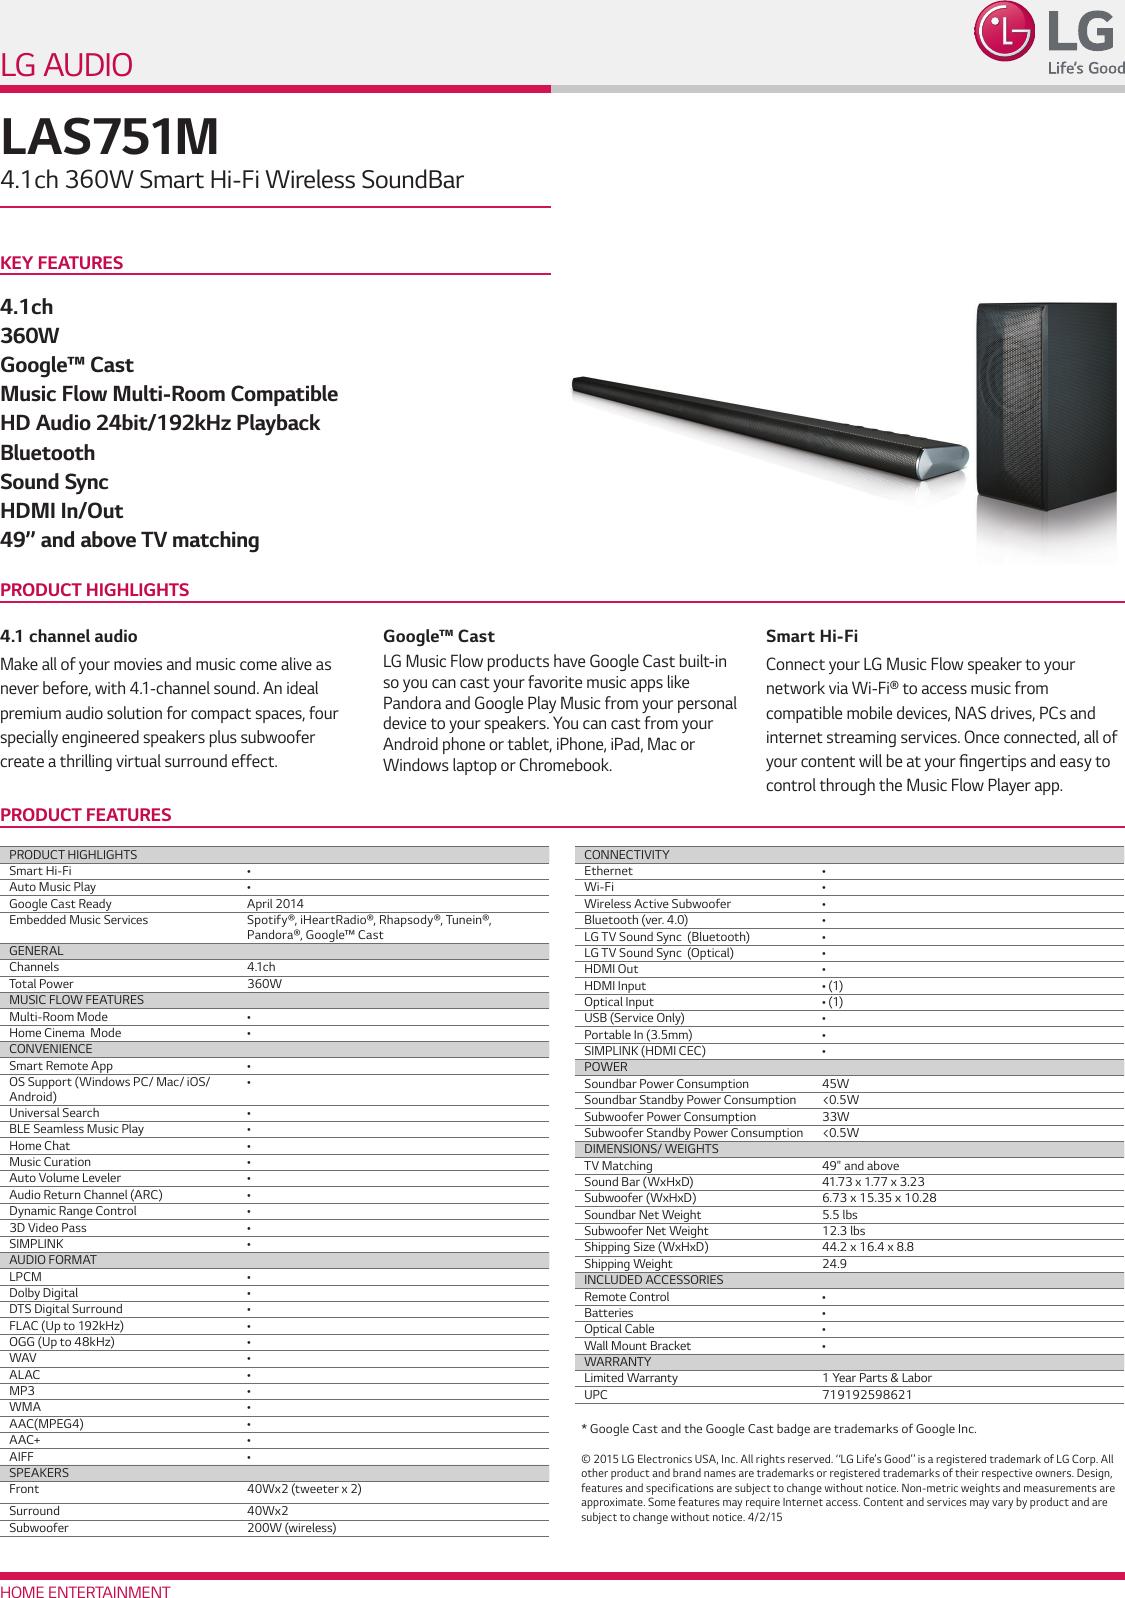 LG LAS751M User Manual Specification Spec Sheet